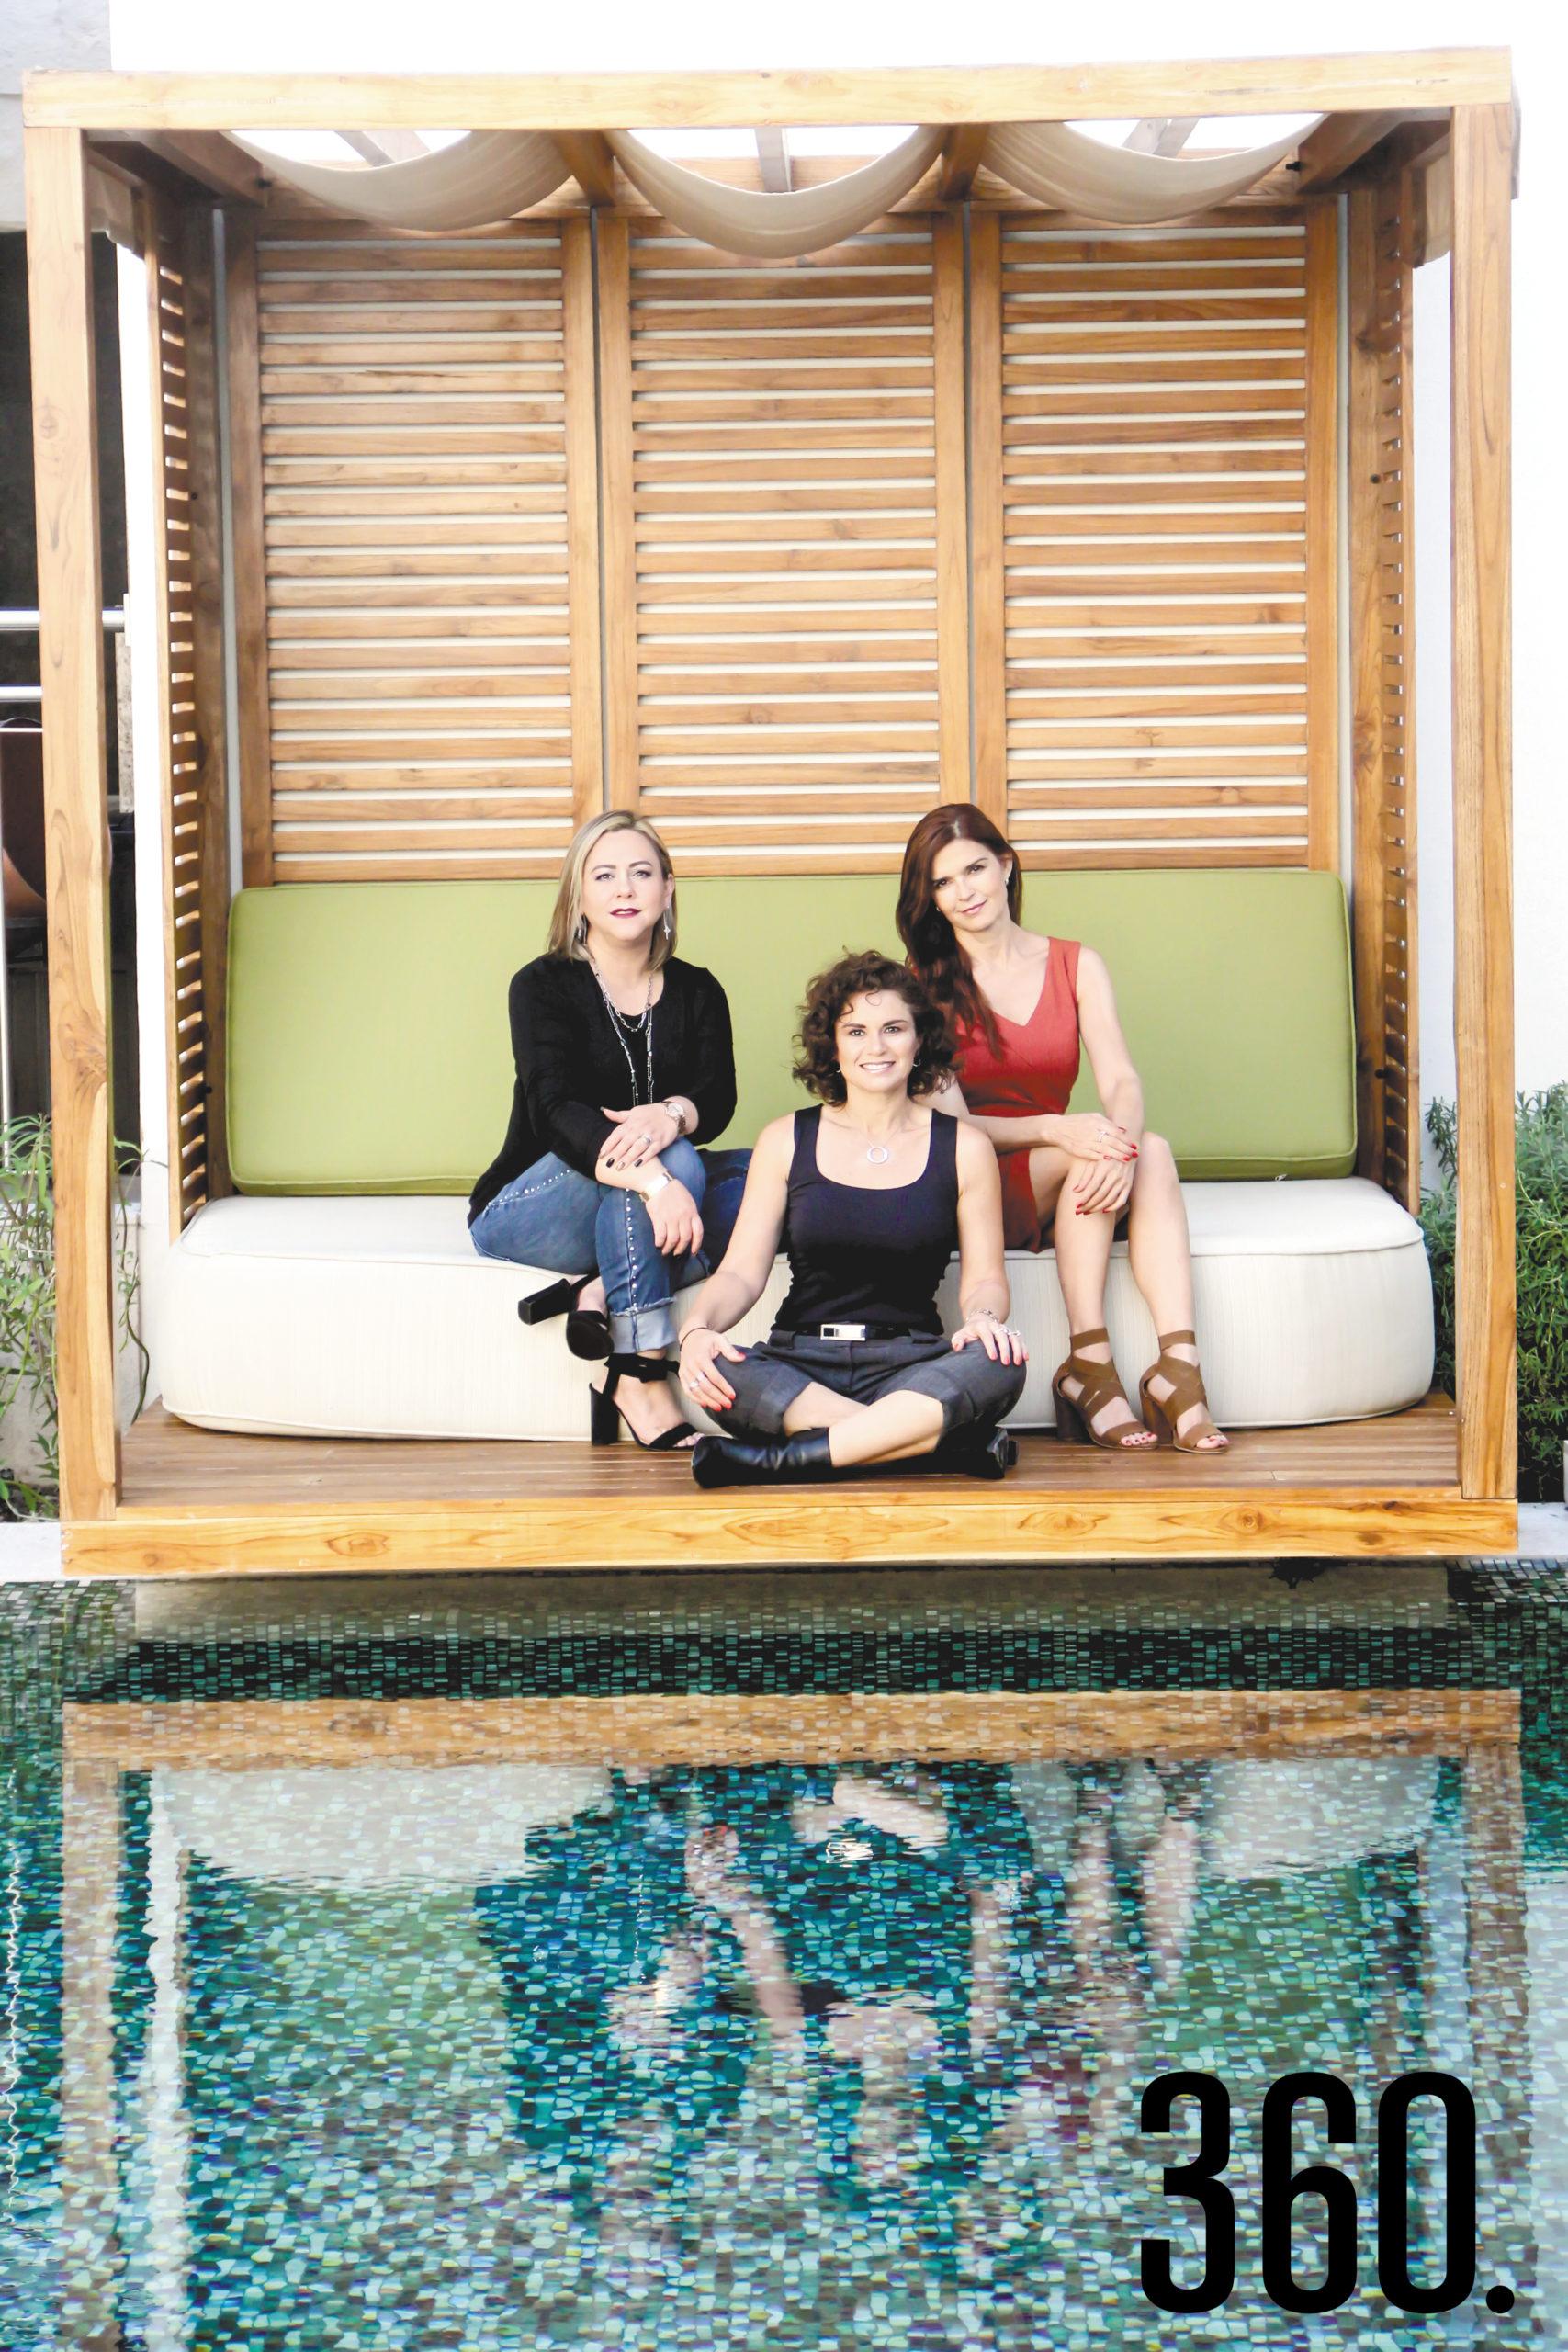 Silvia, María Pía y Zaida crearon una comunidad para compartir una cultura de bienestar.